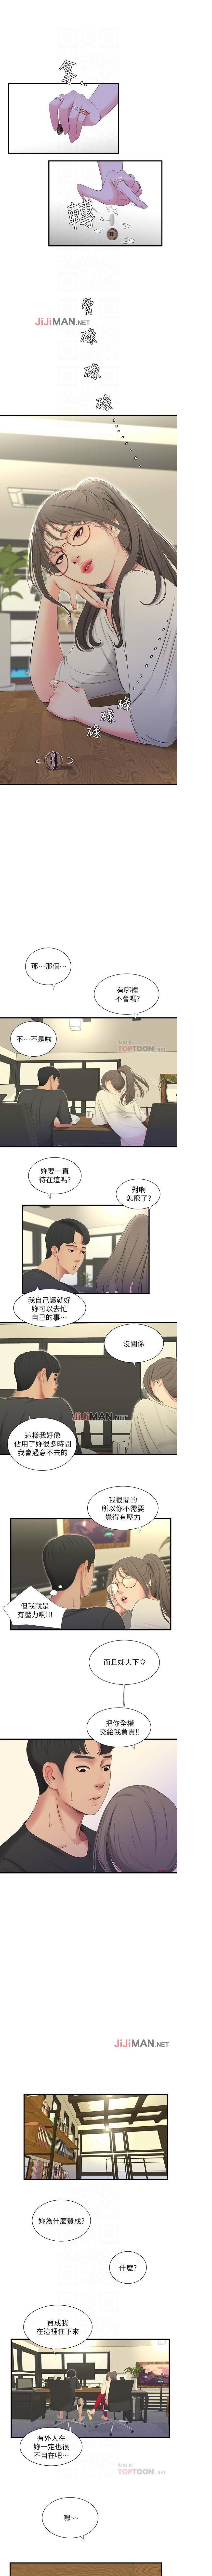 【周四连载】亲家四姐妹(作者:愛摸) 第1~37话 86